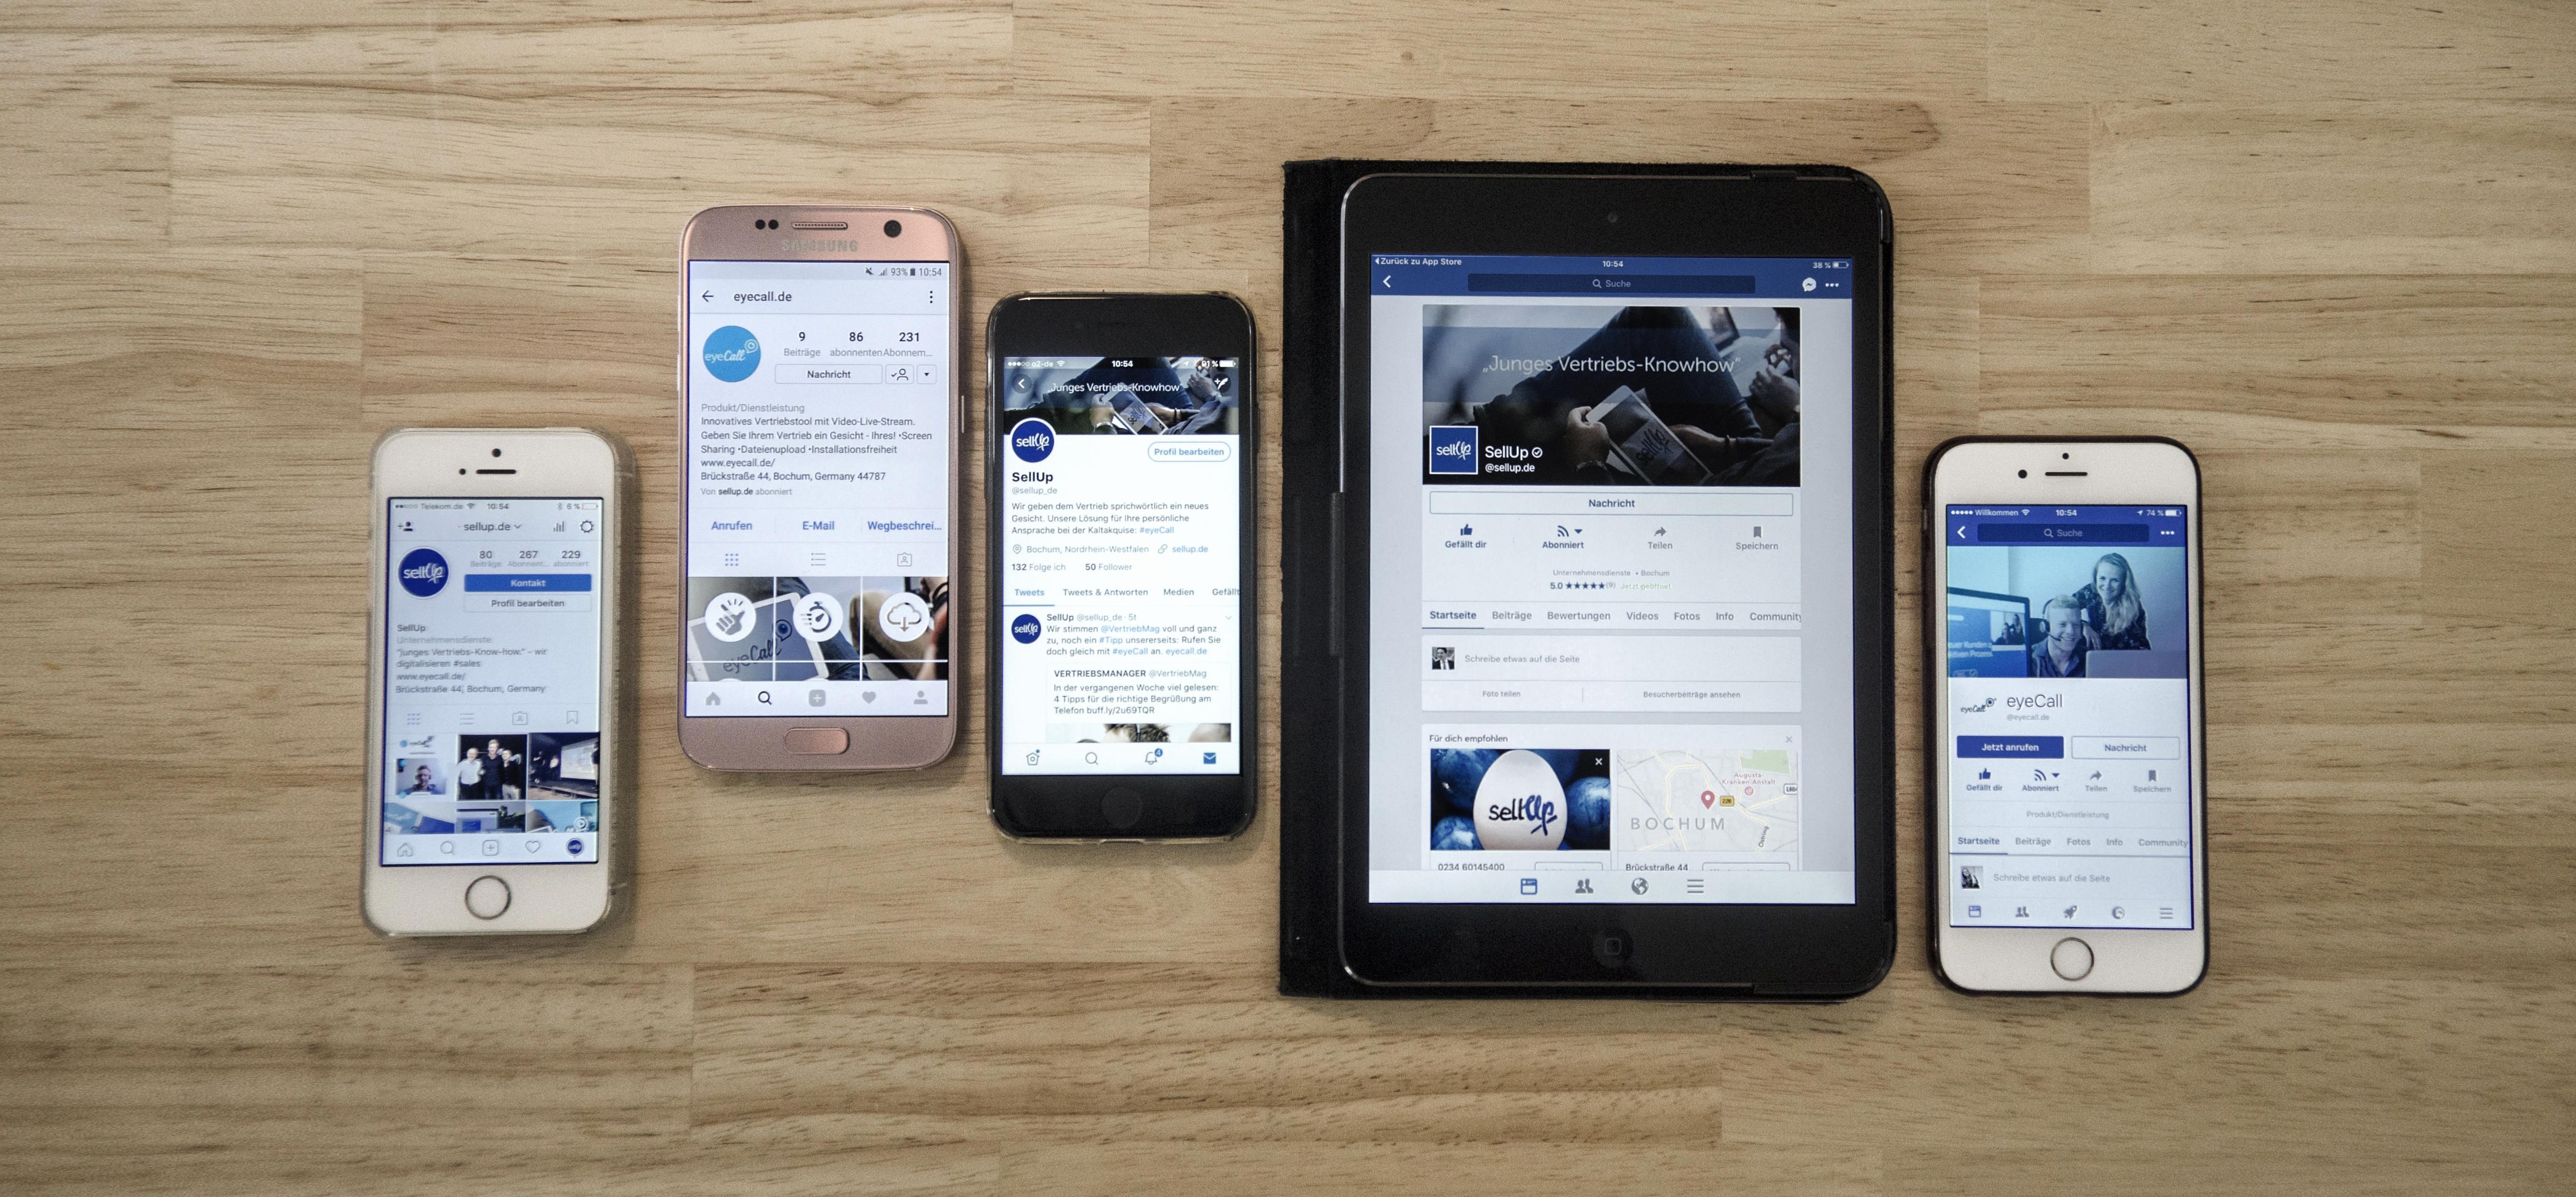 Social Media Plattformen von SellUp und eyeCall: Facebook, Instagram und Twitter